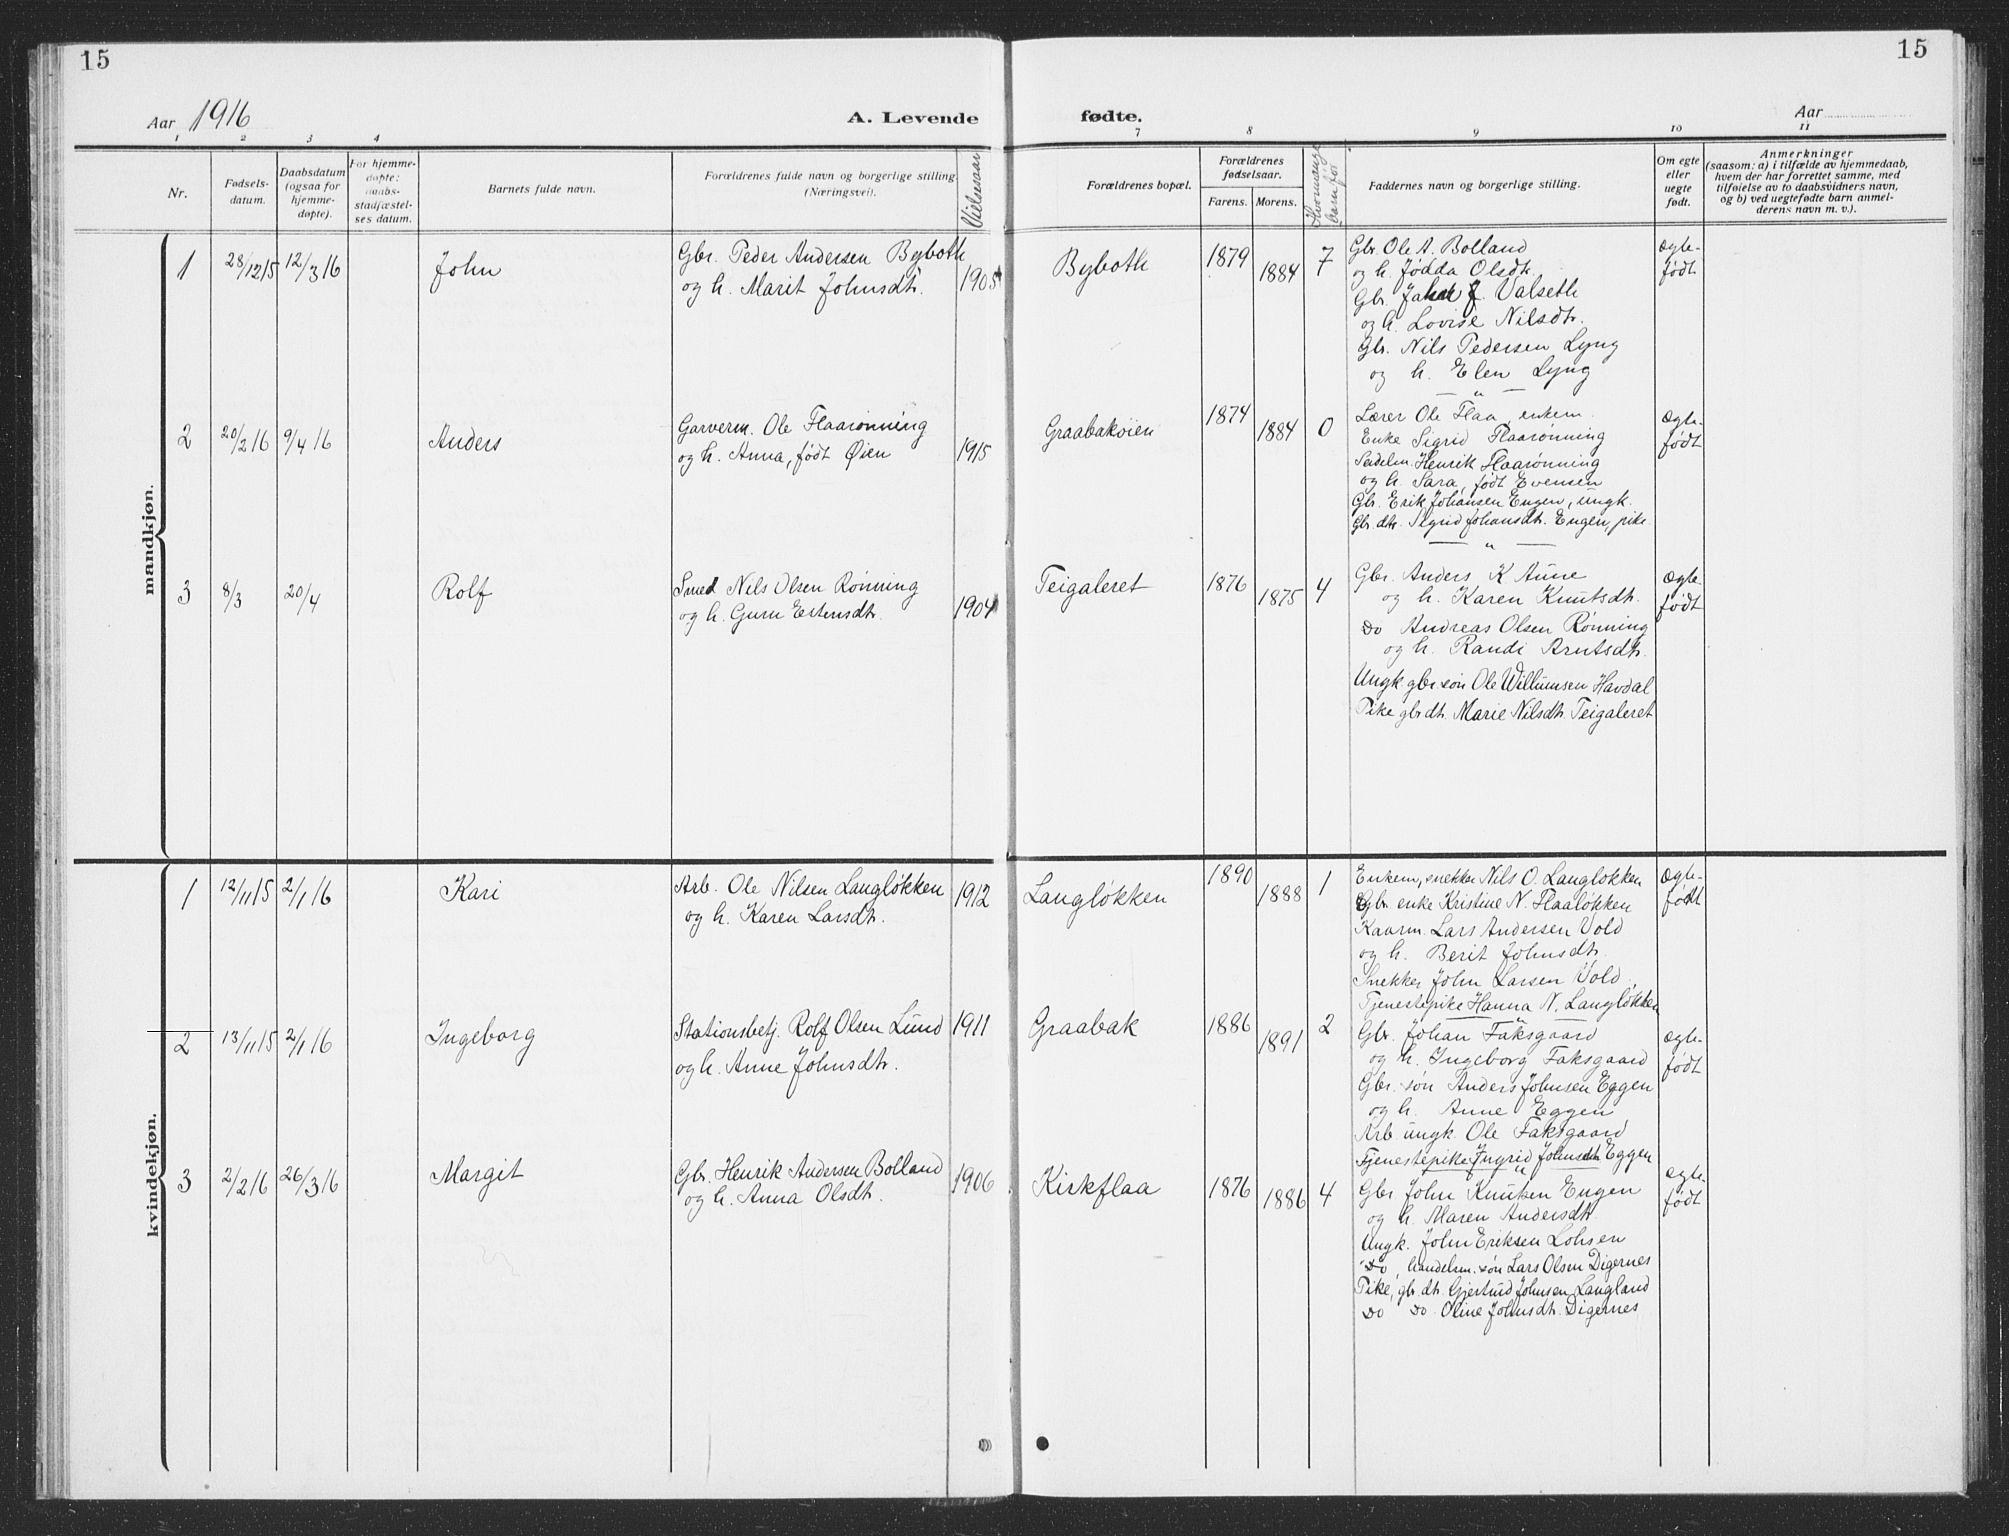 SAT, Ministerialprotokoller, klokkerbøker og fødselsregistre - Sør-Trøndelag, 693/L1124: Klokkerbok nr. 693C05, 1911-1941, s. 15